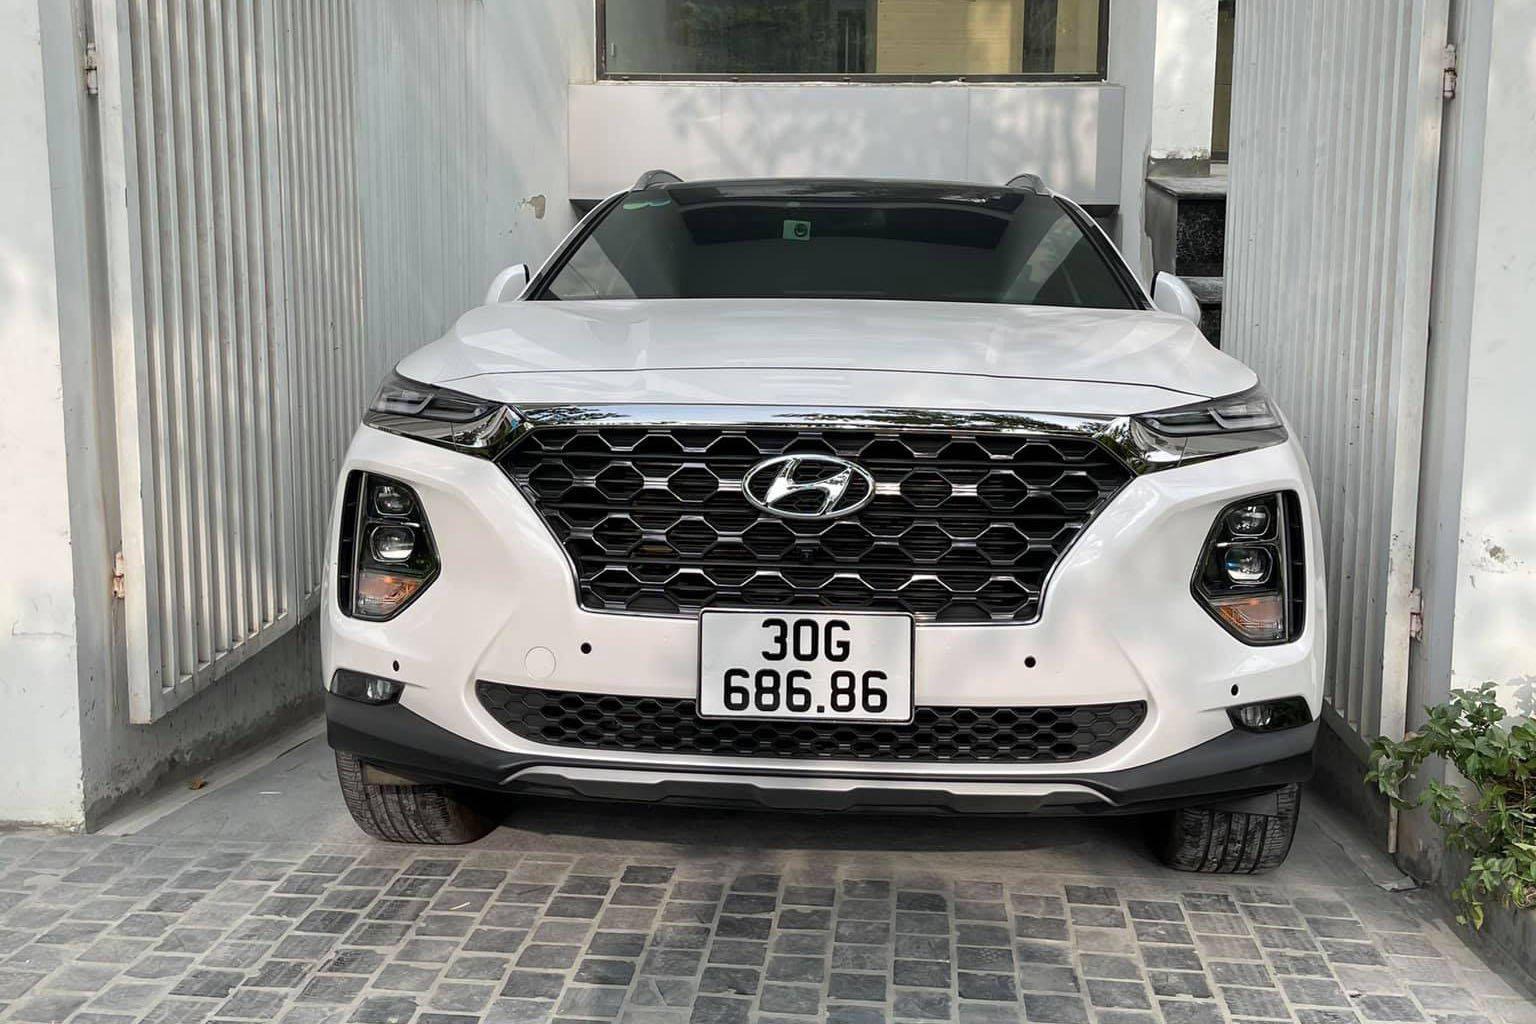 Hyundai Santa Fe biển siêu đẹp, chạy 2 vạn, rao bán giá choáng - Ảnh 1.